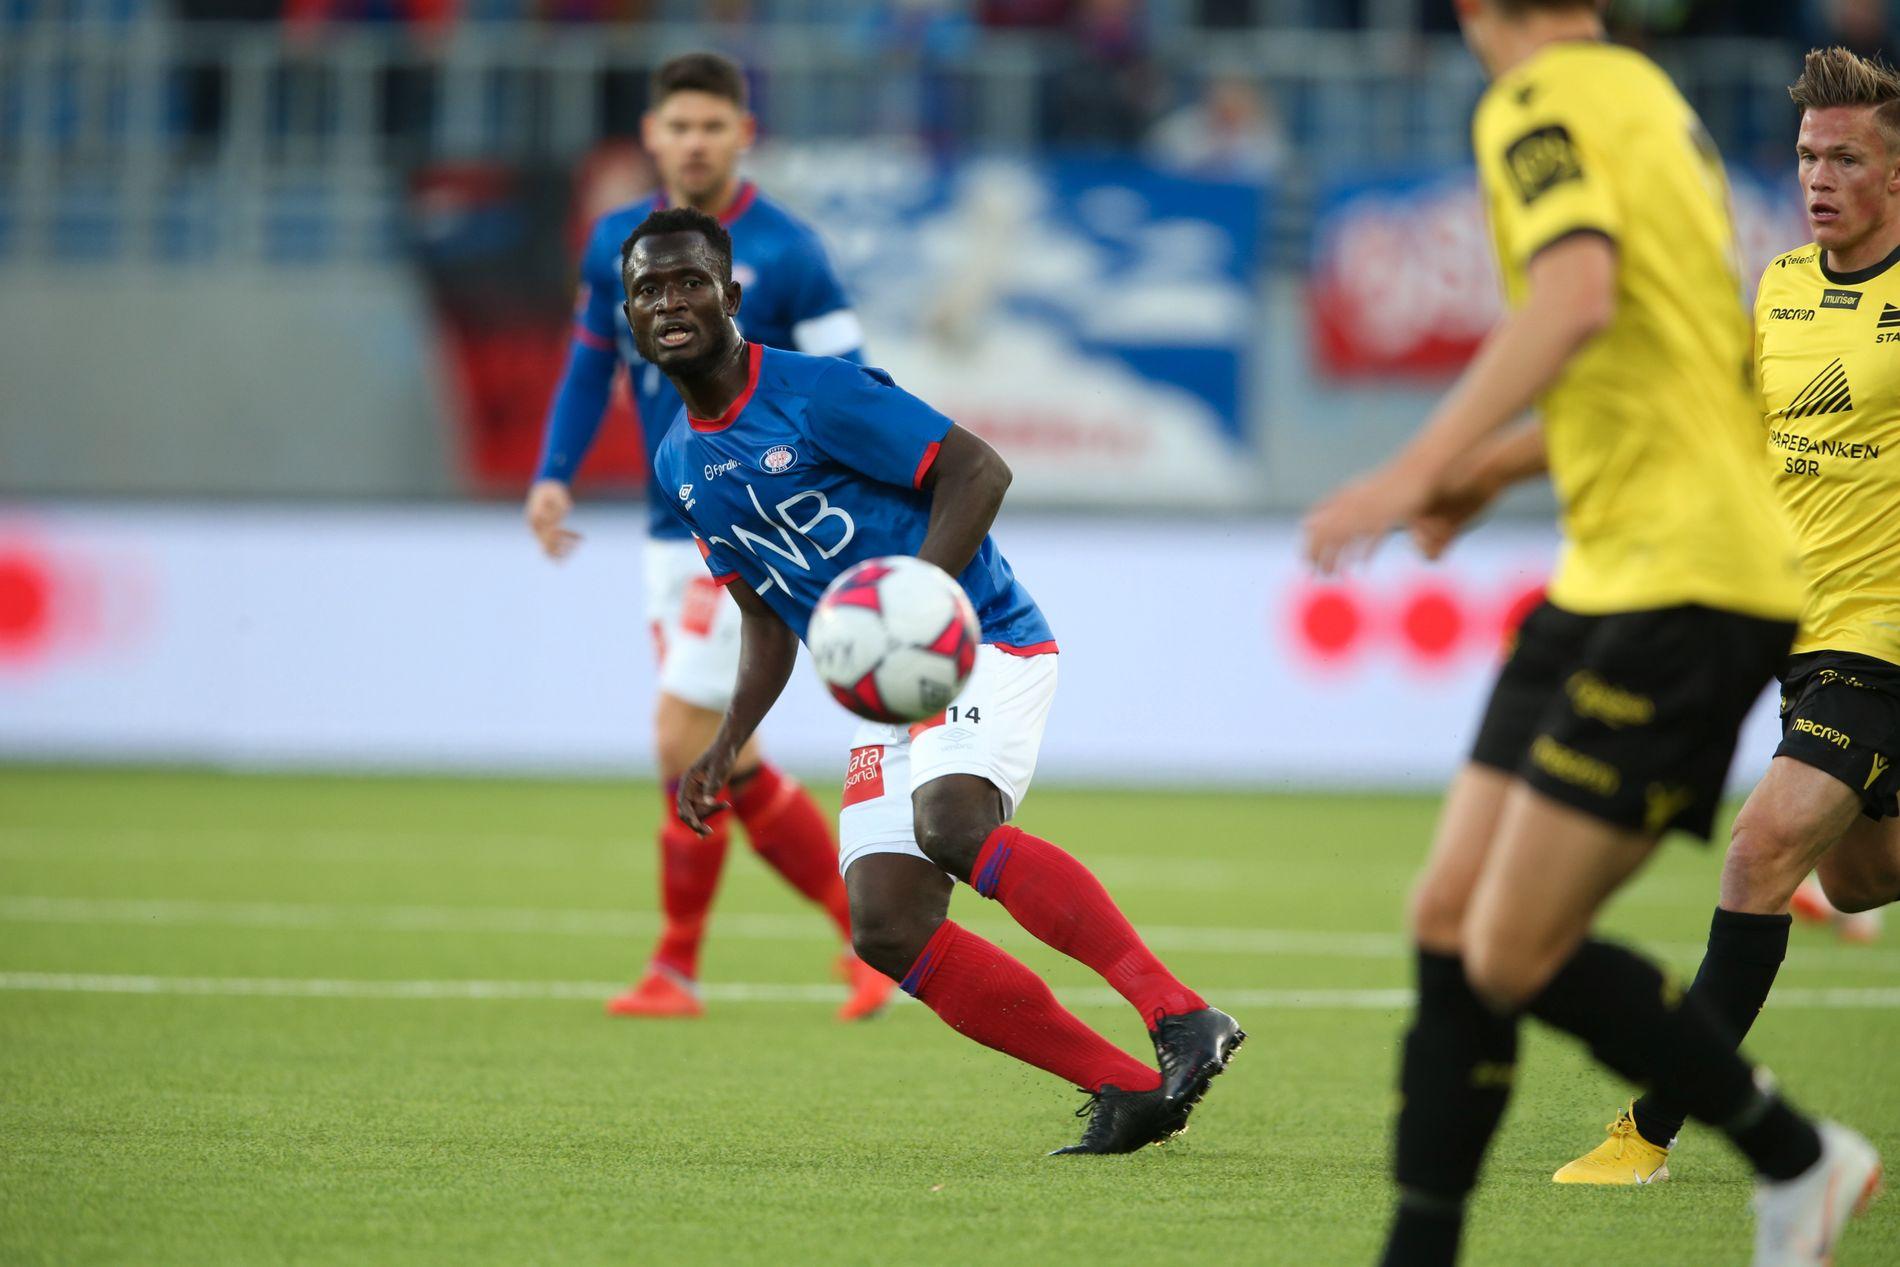 SUKSESS: Mohammed Abu har gjort det bra i norsk fotball. Først i Strømsgodset og nå i Vålerenga. Men perioden da Manchester City lånte ham ut fra klubb til klubb, opplevde han som tøff.